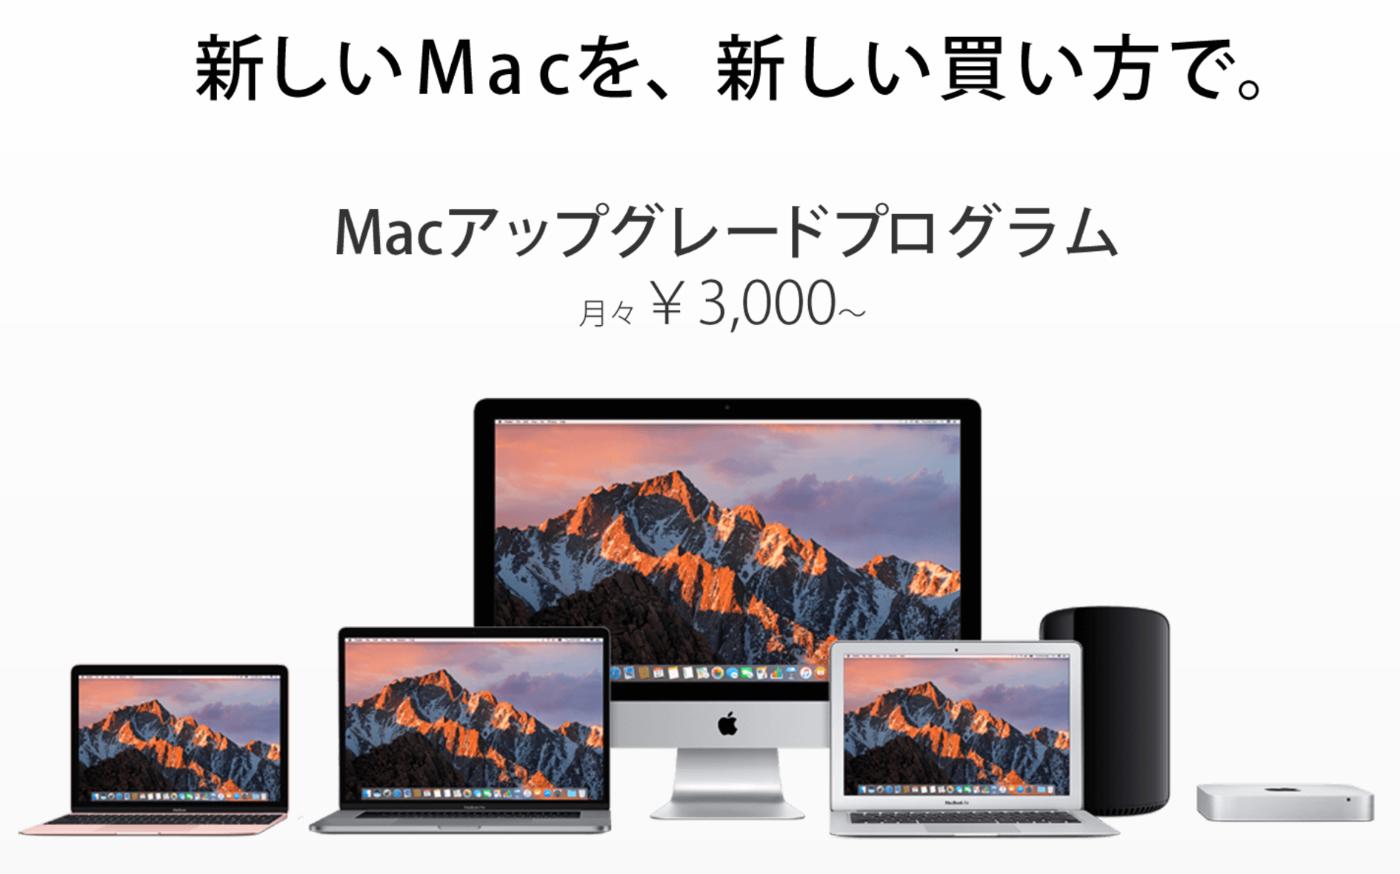 Macアップグレードプログラム-1